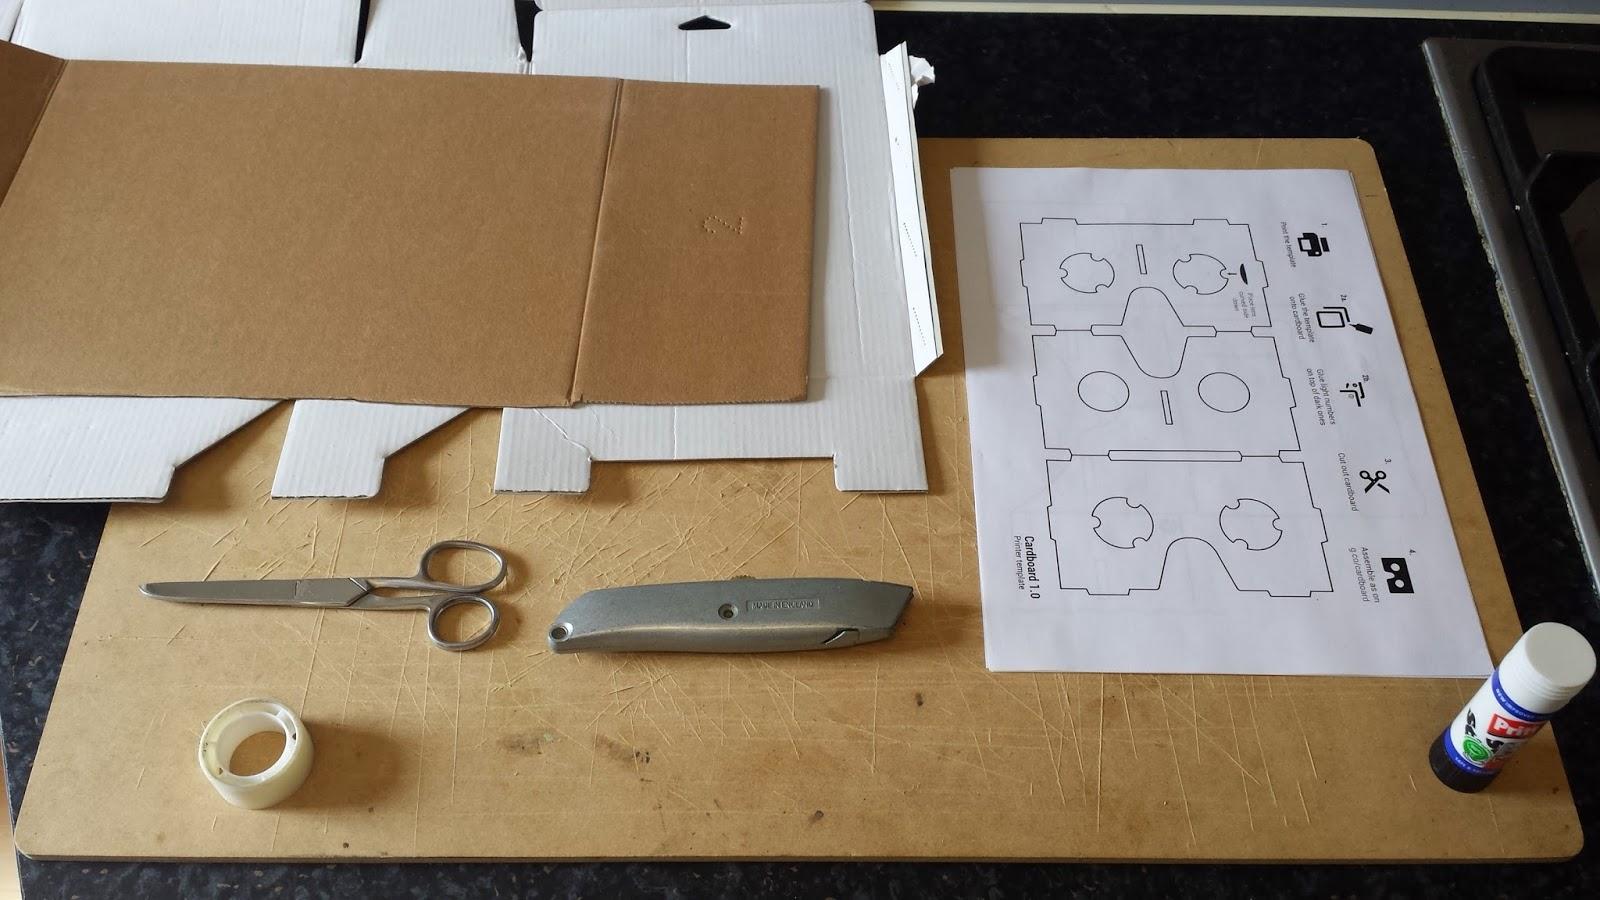 retrobacon google cardboard or flatpack vr or the maketrix i 39 ll stop now. Black Bedroom Furniture Sets. Home Design Ideas